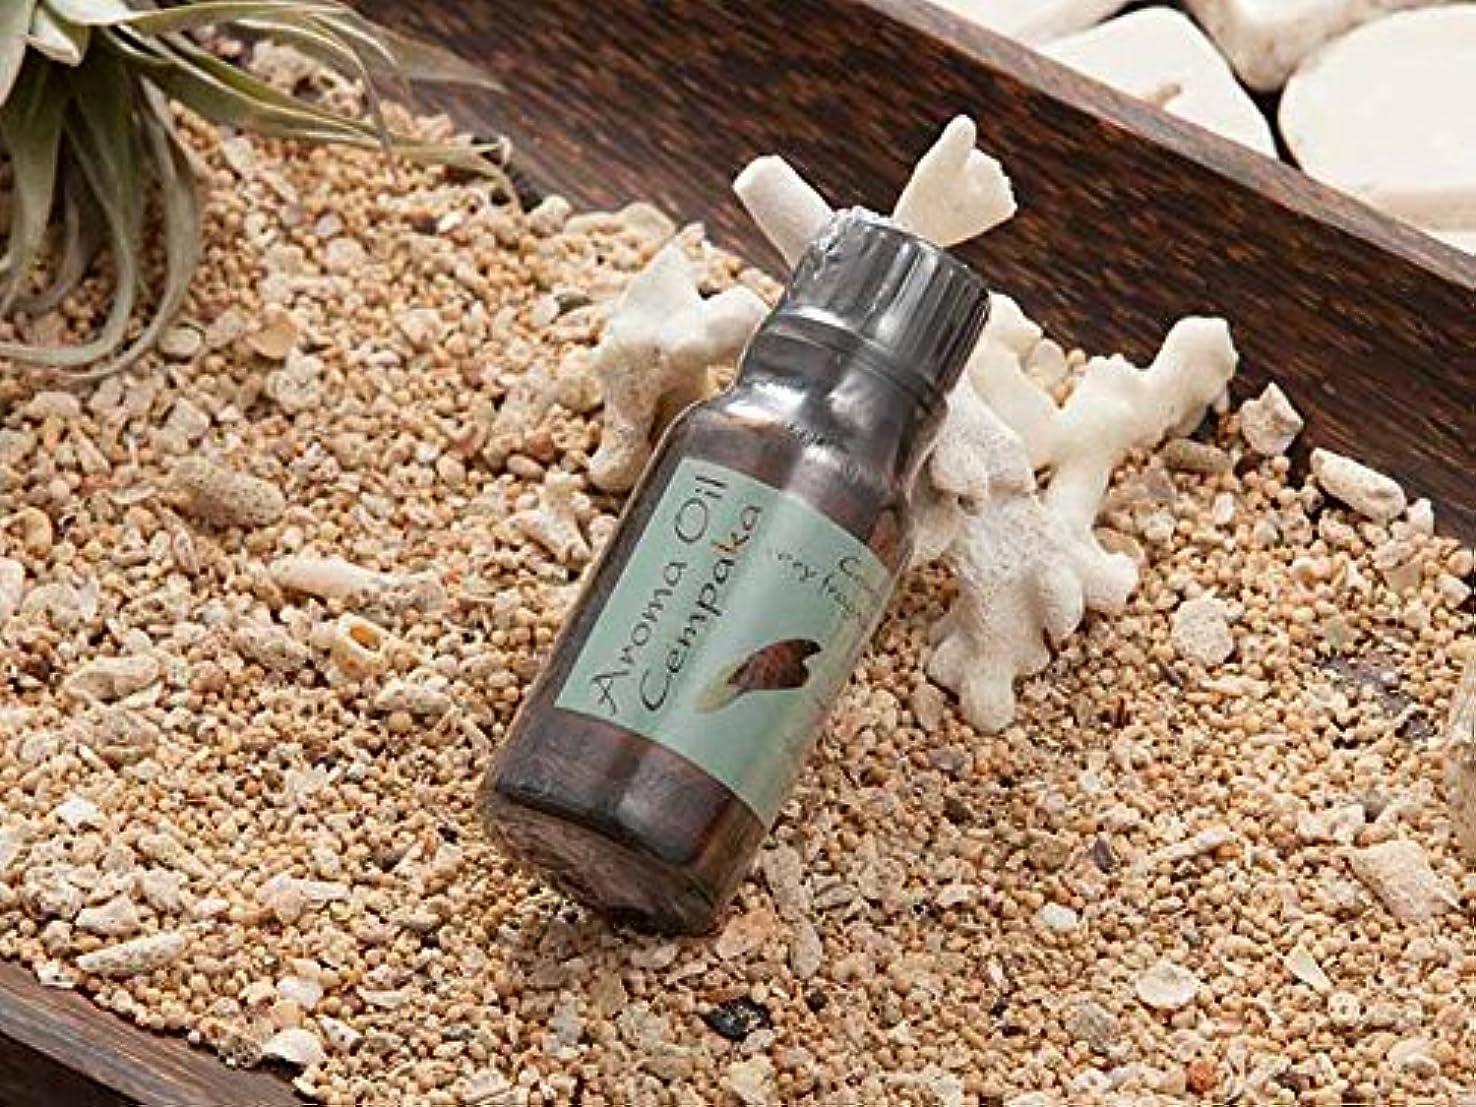 ストレンジャー年金勇敢な寛ぎのひと時にアジアンな癒しの香りを アロマフレグランスオイル 5種の香り (アラムセンポールALAM ZEMPOL) (Cempaka チャンパカ)